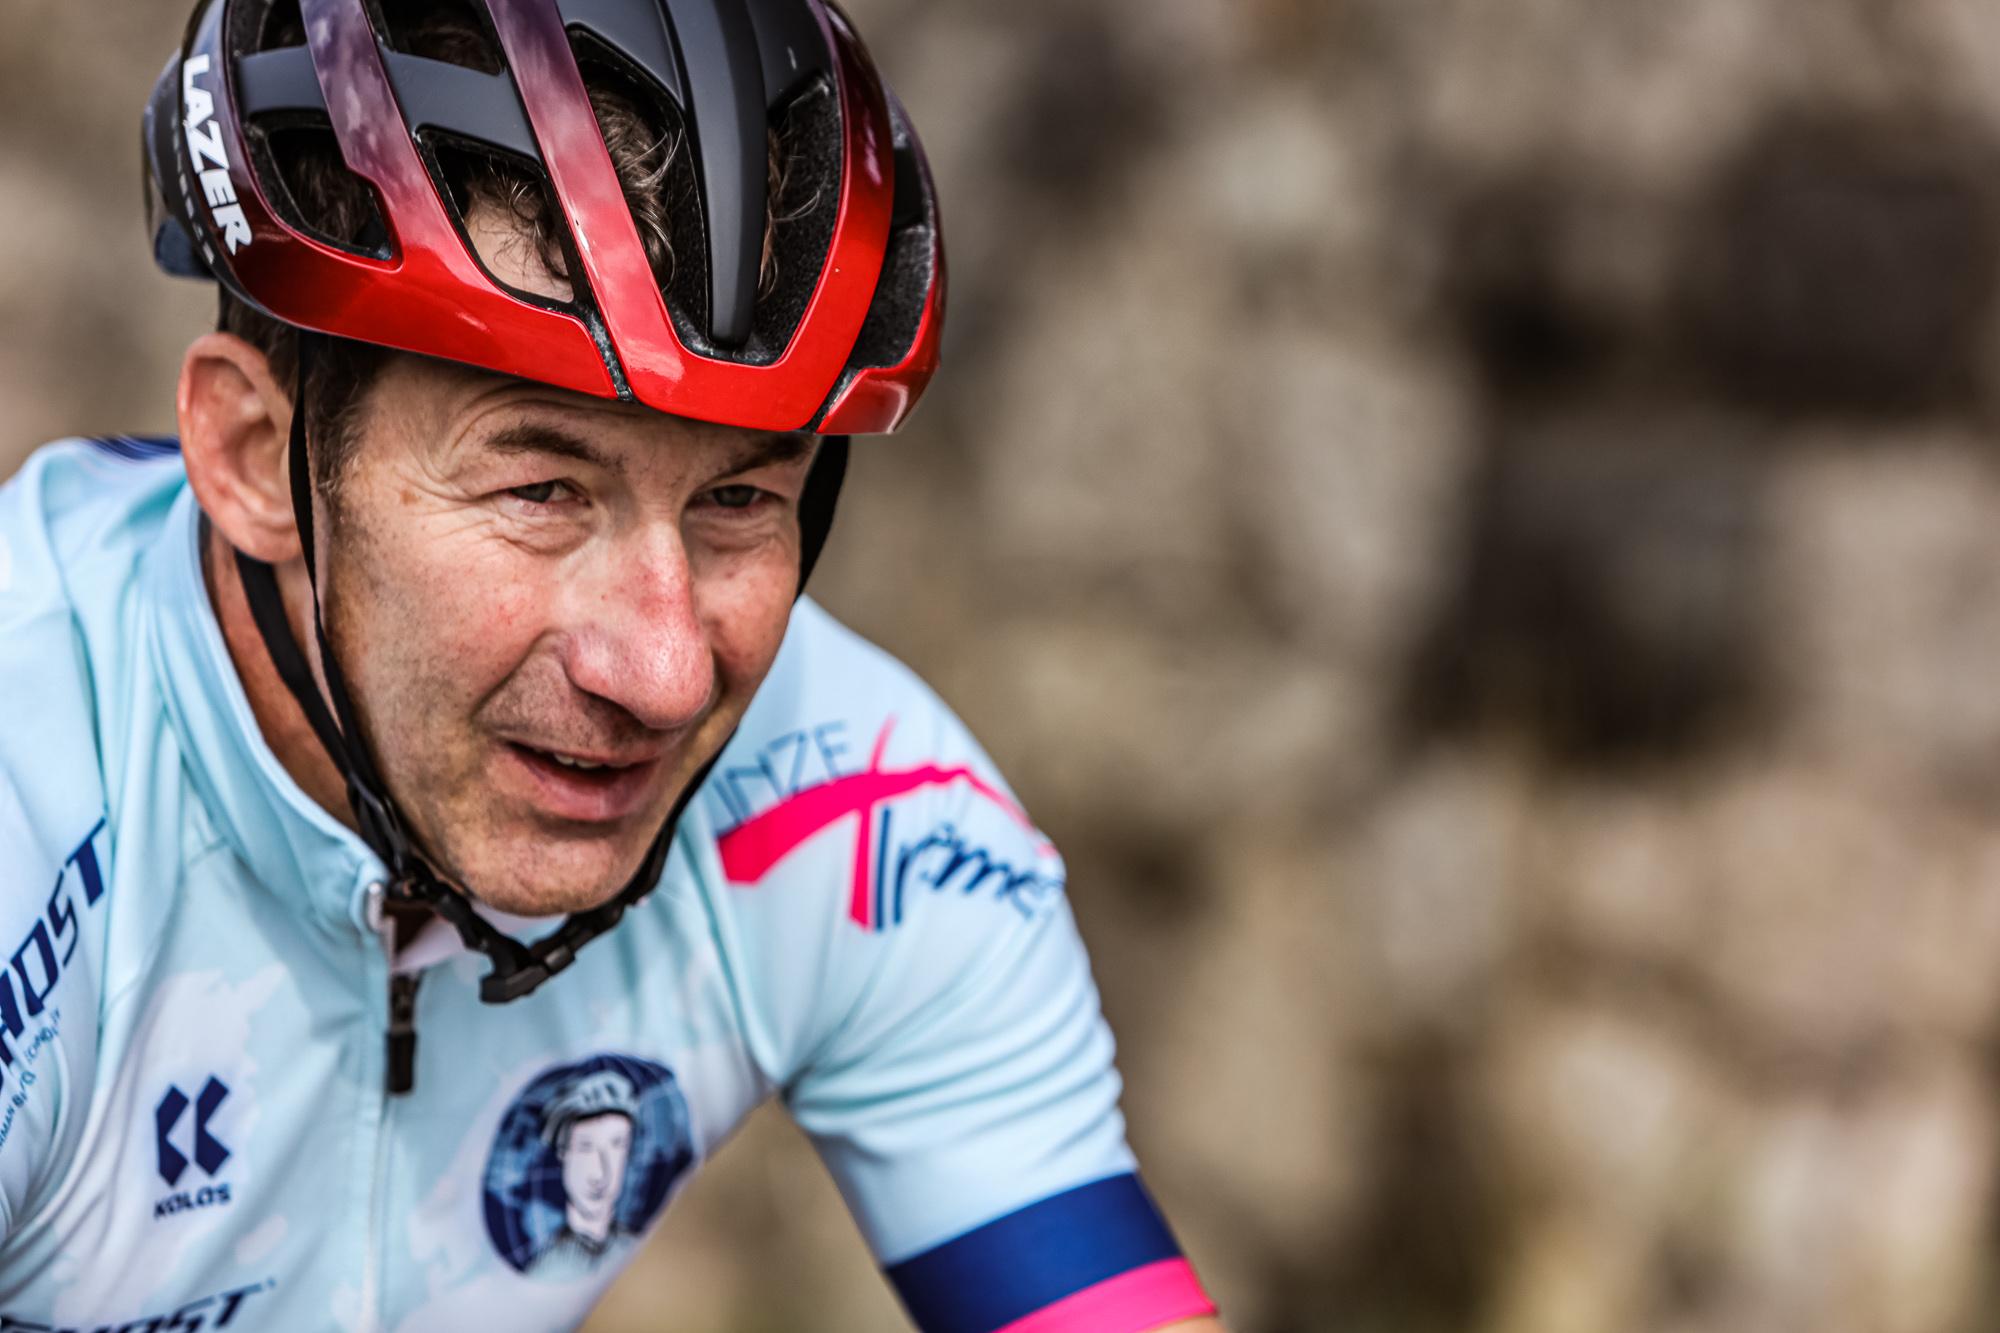 Extremsportler Guido Kunze im Trikot und mit Fahrradhelm